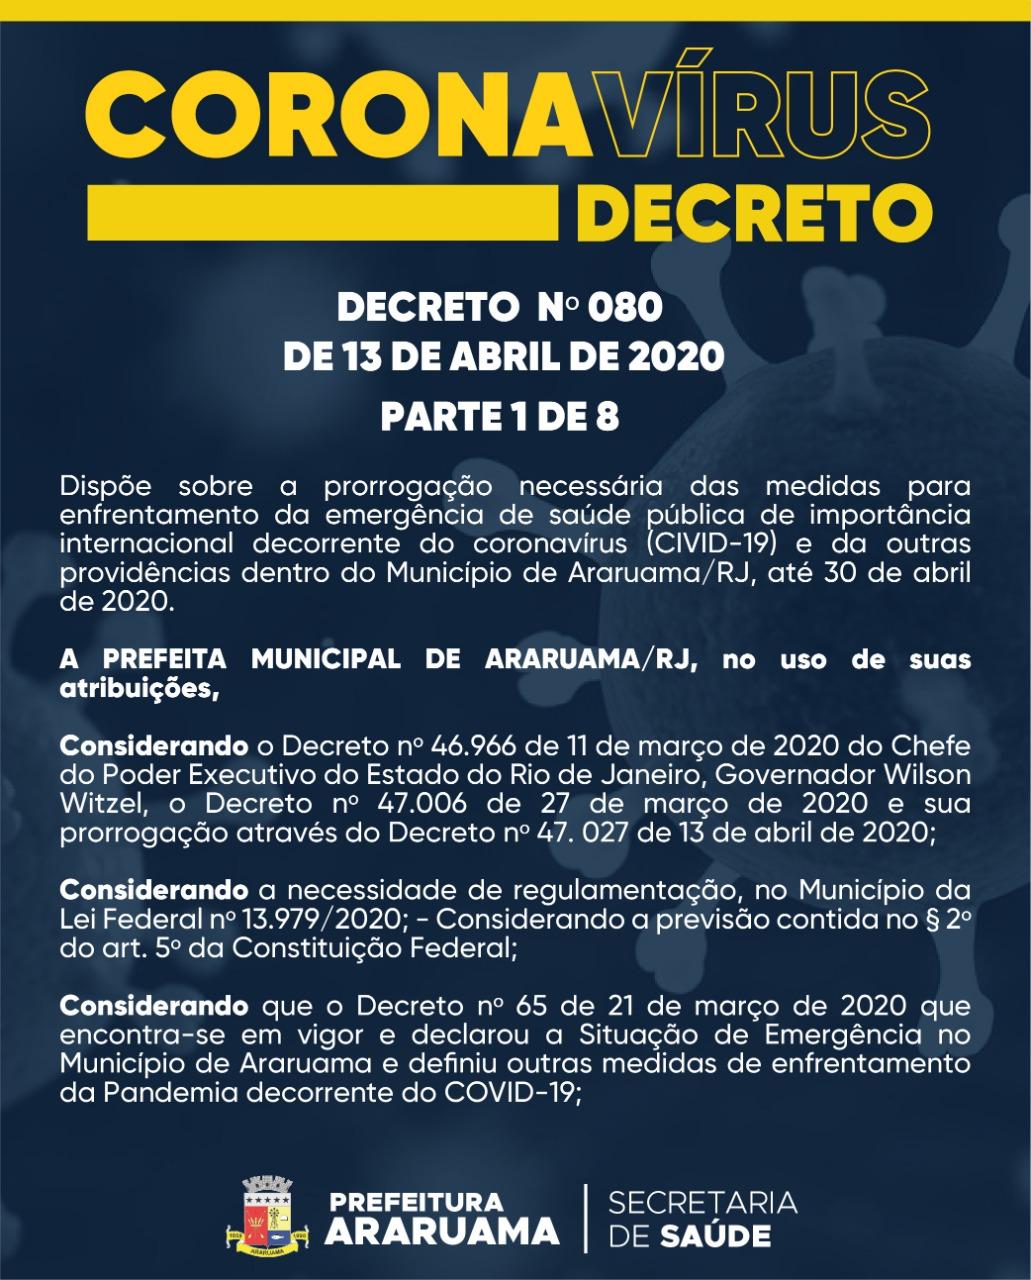 Prefeitura de Araruama prorroga medidas contra o COVID-19 em novo decreto até dia 30 de abril